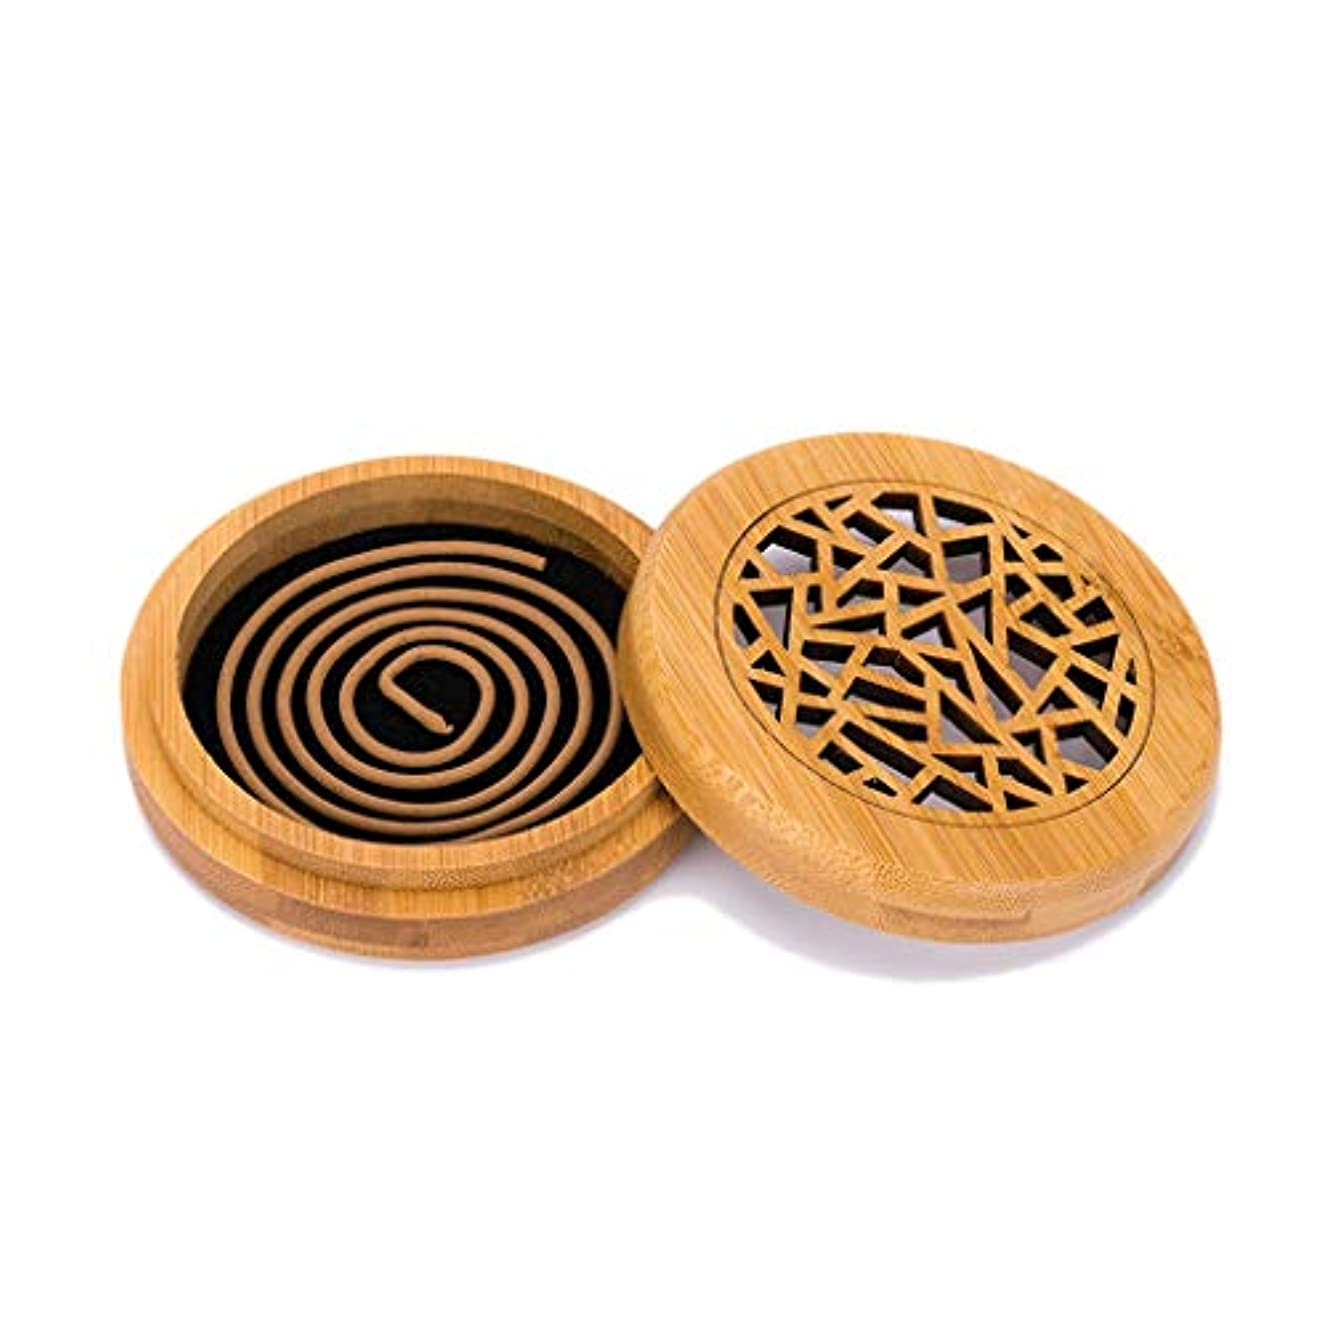 背の高い適合協会木製香炉コイル香スティックコーンバーナーホルダー部屋の装飾瞑想竹アッシュキャッチャー香ホルダー (Color : Wood, サイズ : Round)